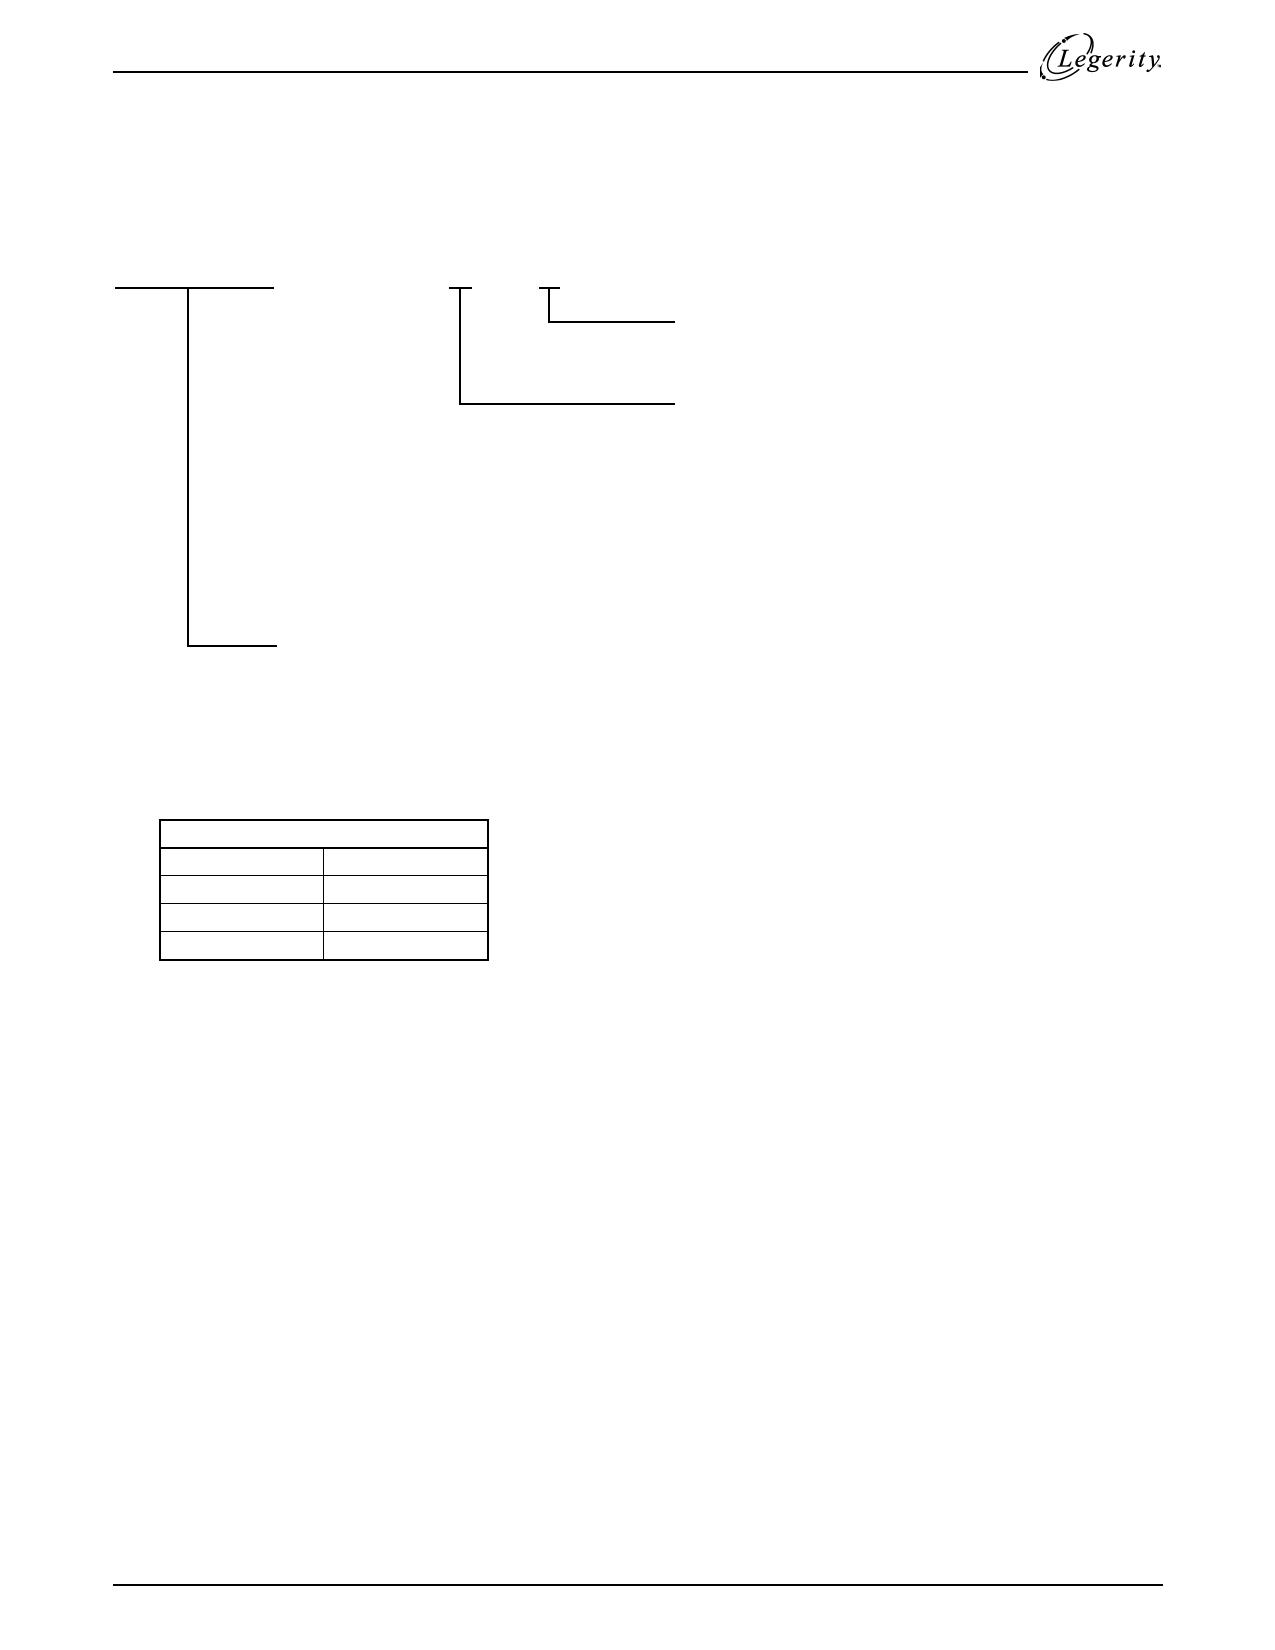 Am79Q02 pdf, arduino